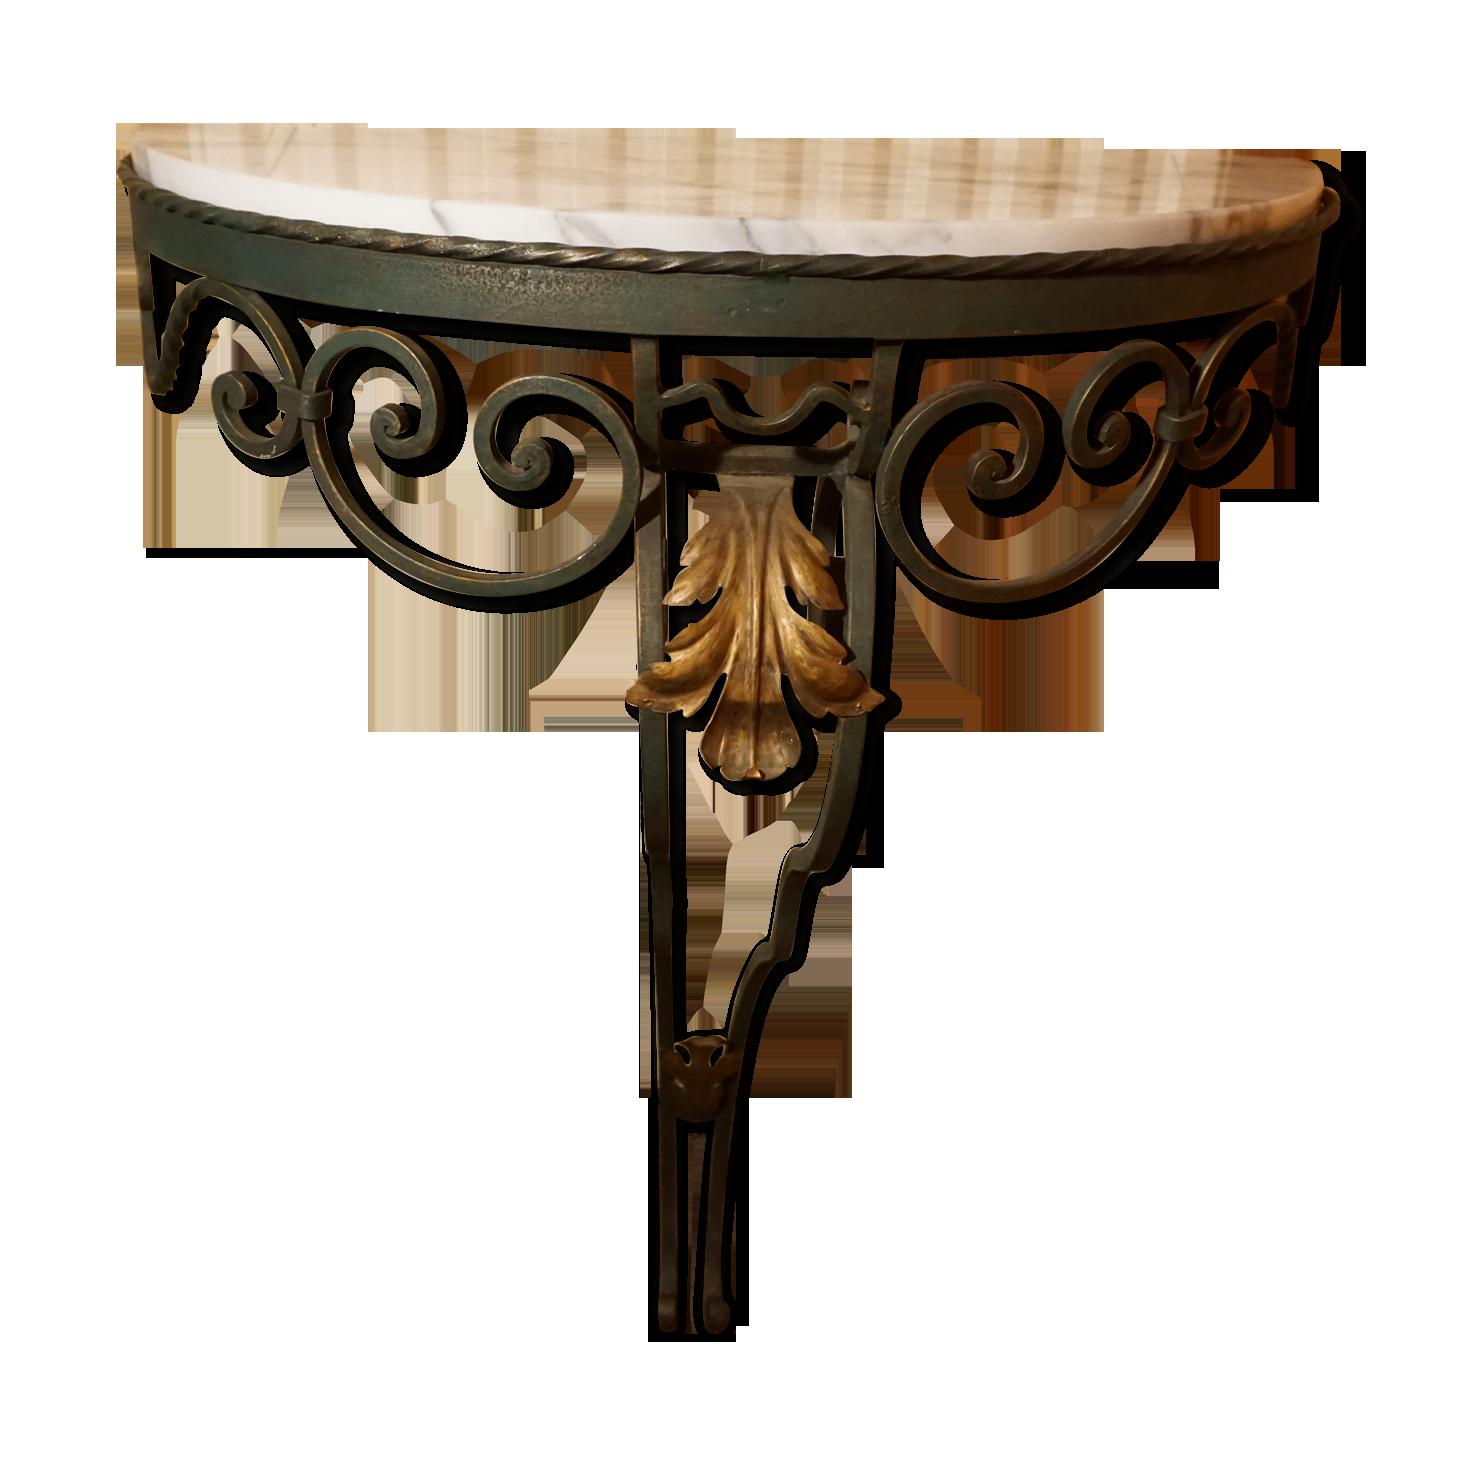 Antique ongles d/écoratifs comme antique pour meubles Grelot de fer forg/é /à la main